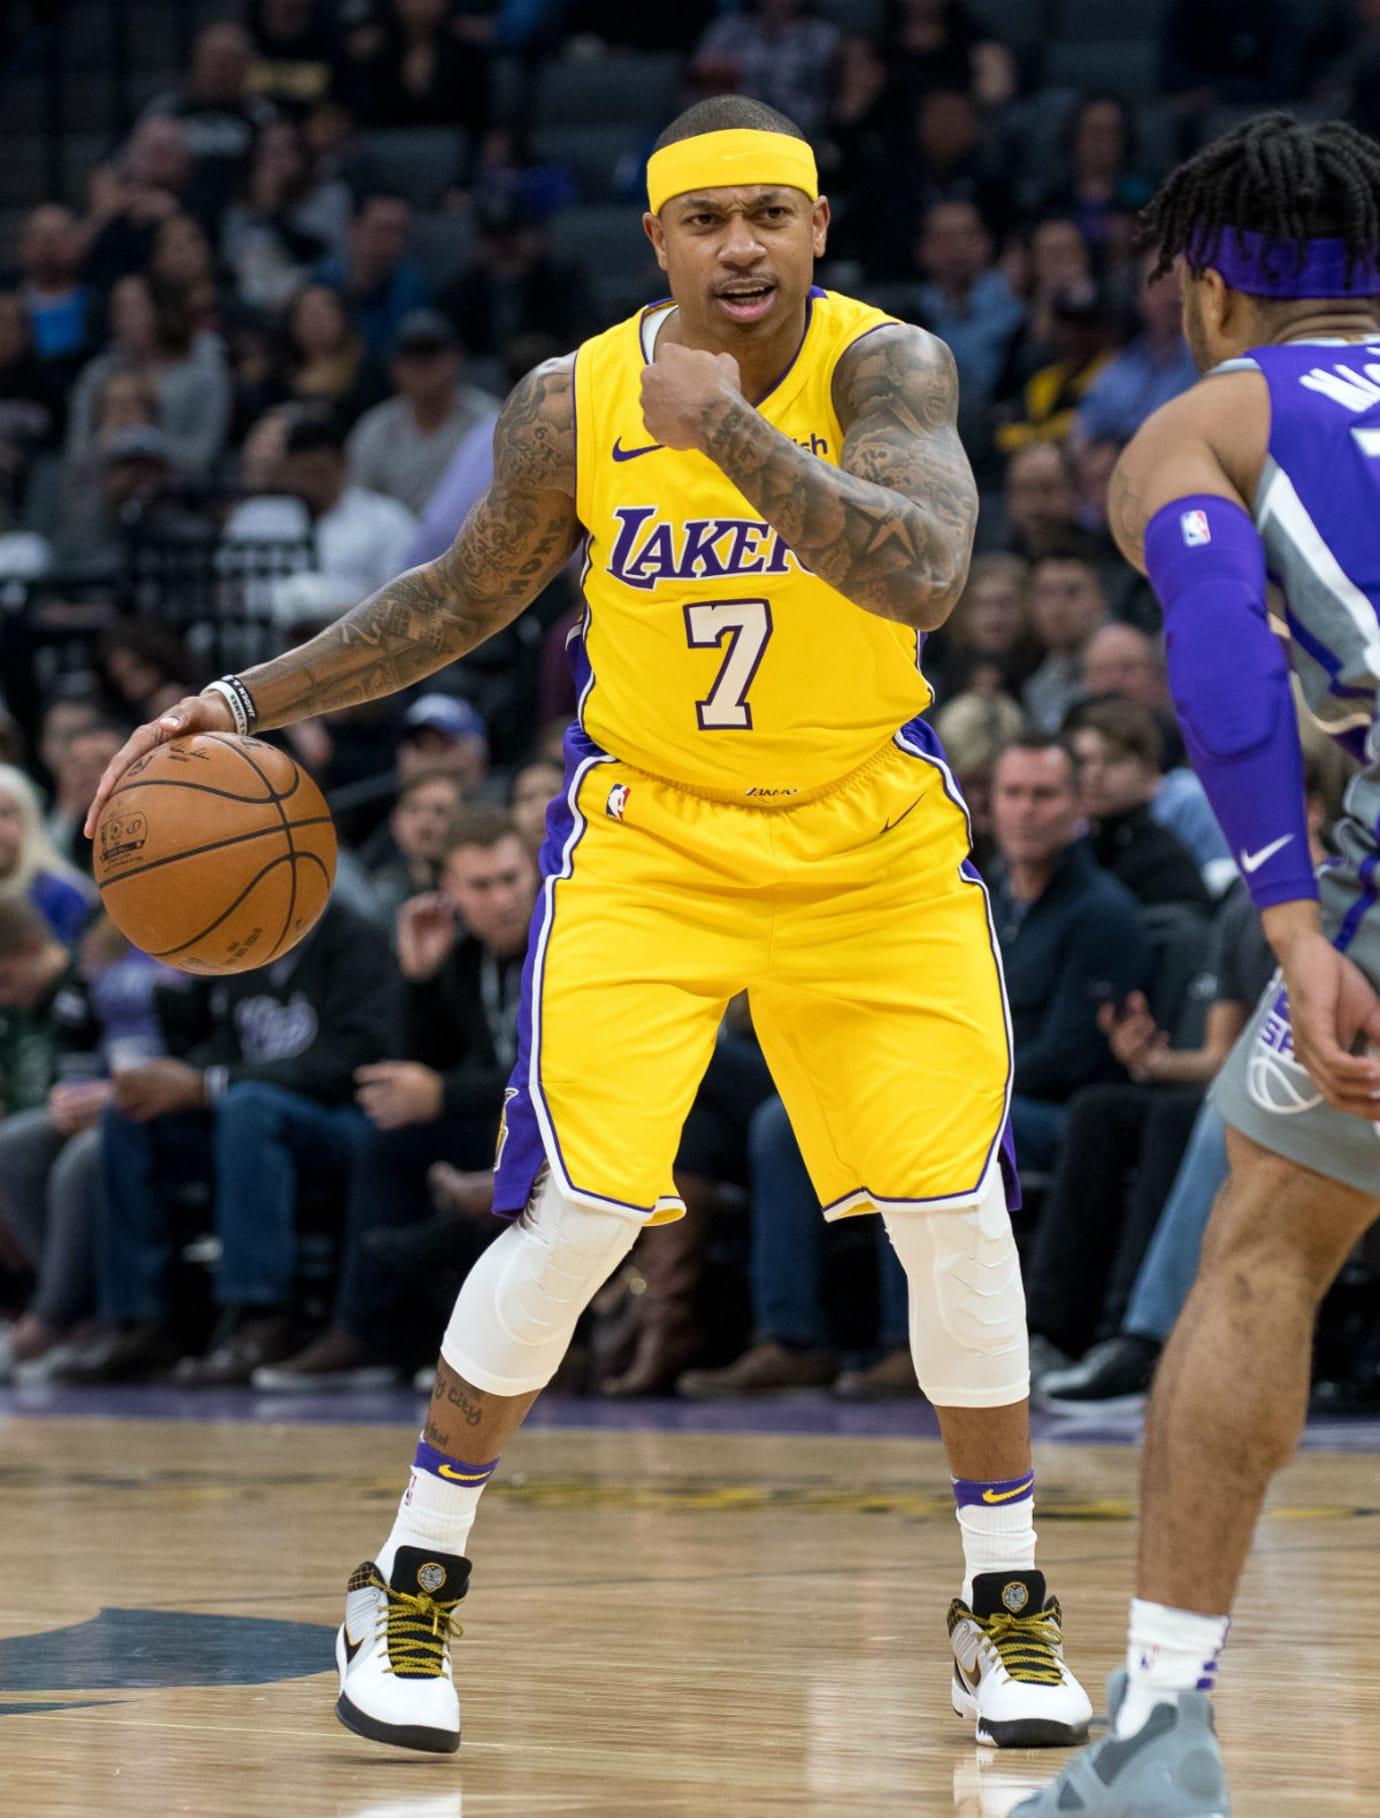 Isaiah Thomas Nike Kobe 4 POP